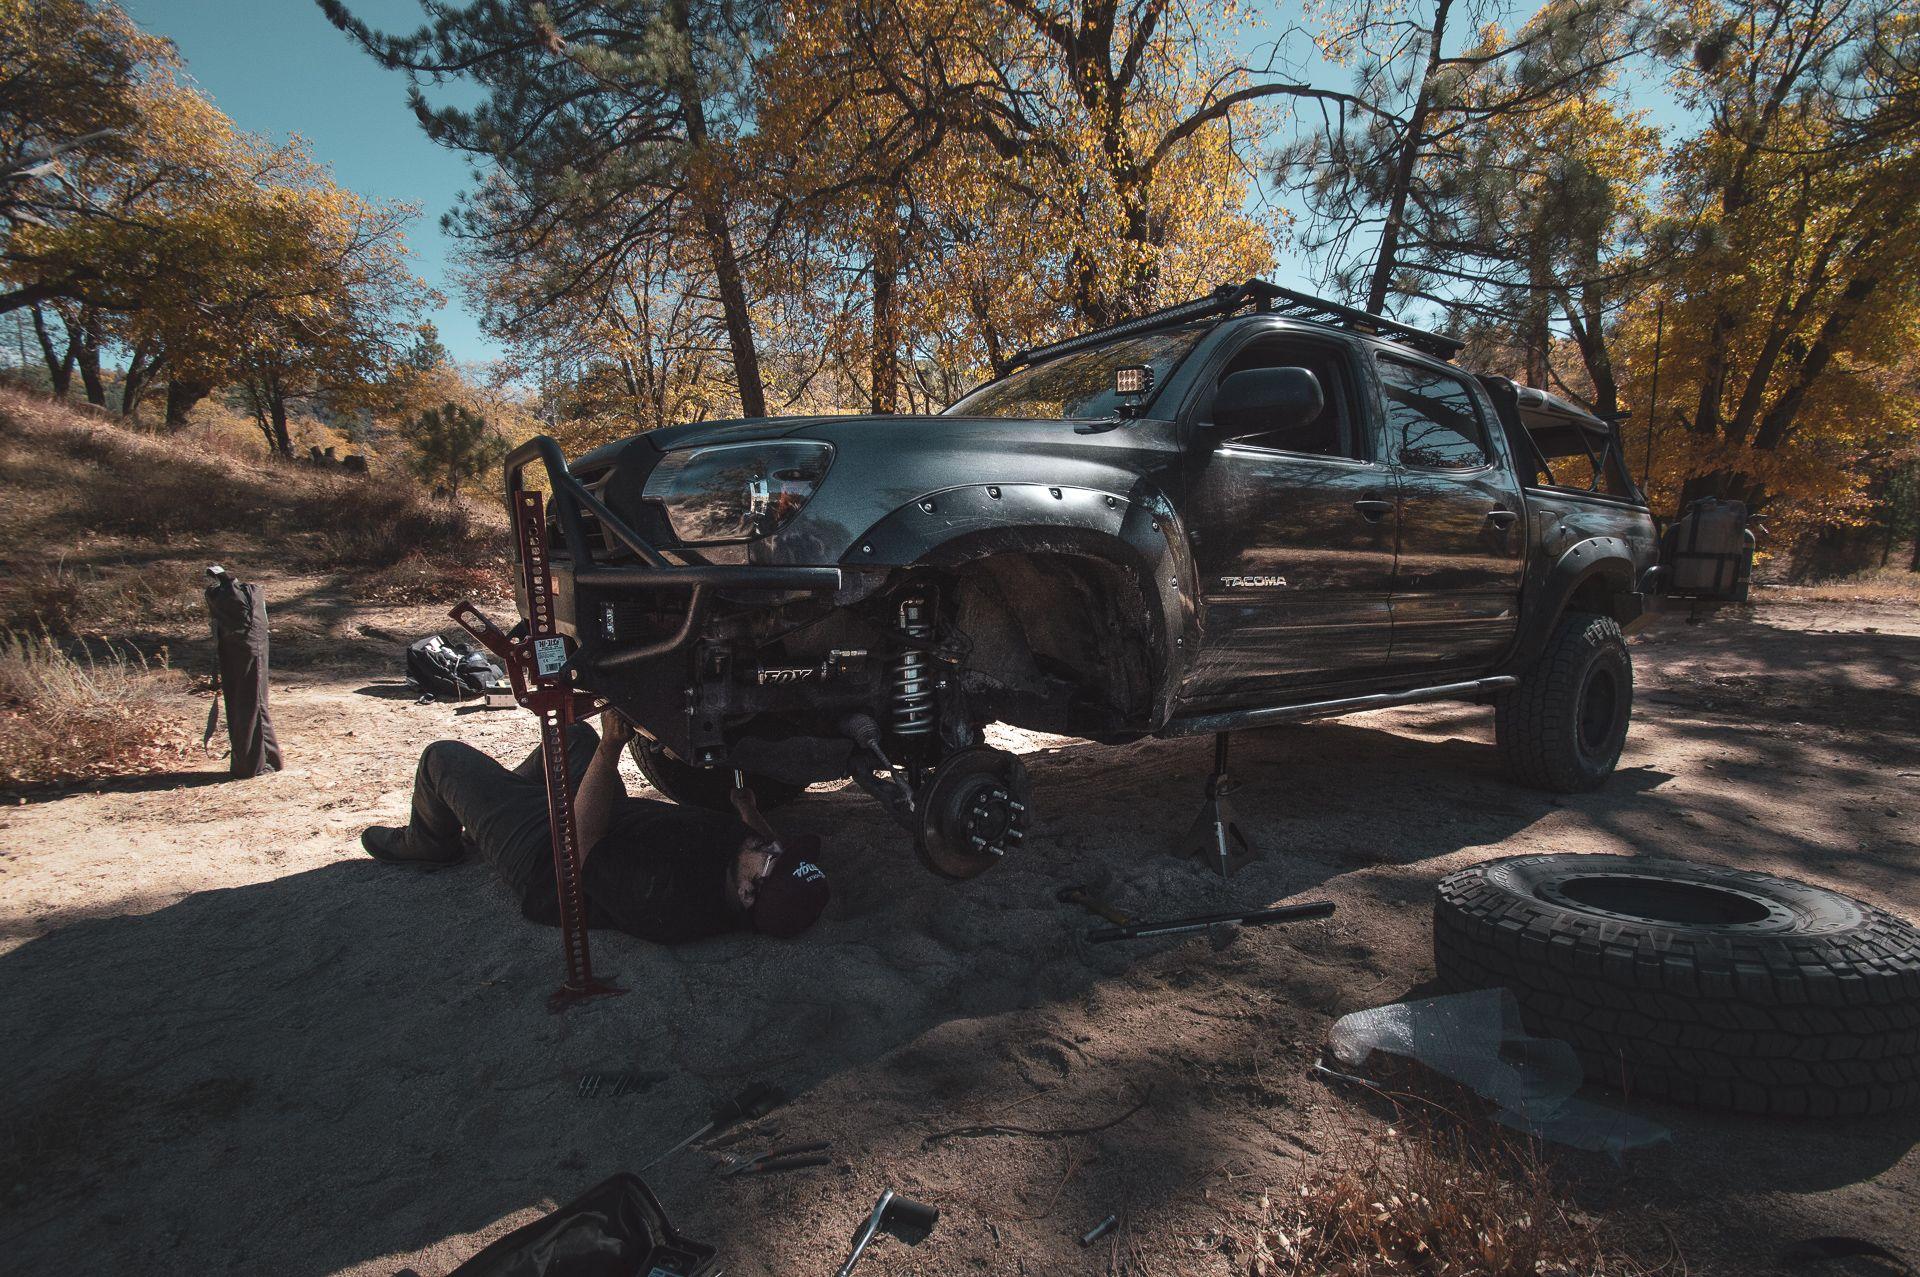 Offroad Surgery on Pilot Rock Trail FOX 2.5 DSC Takes